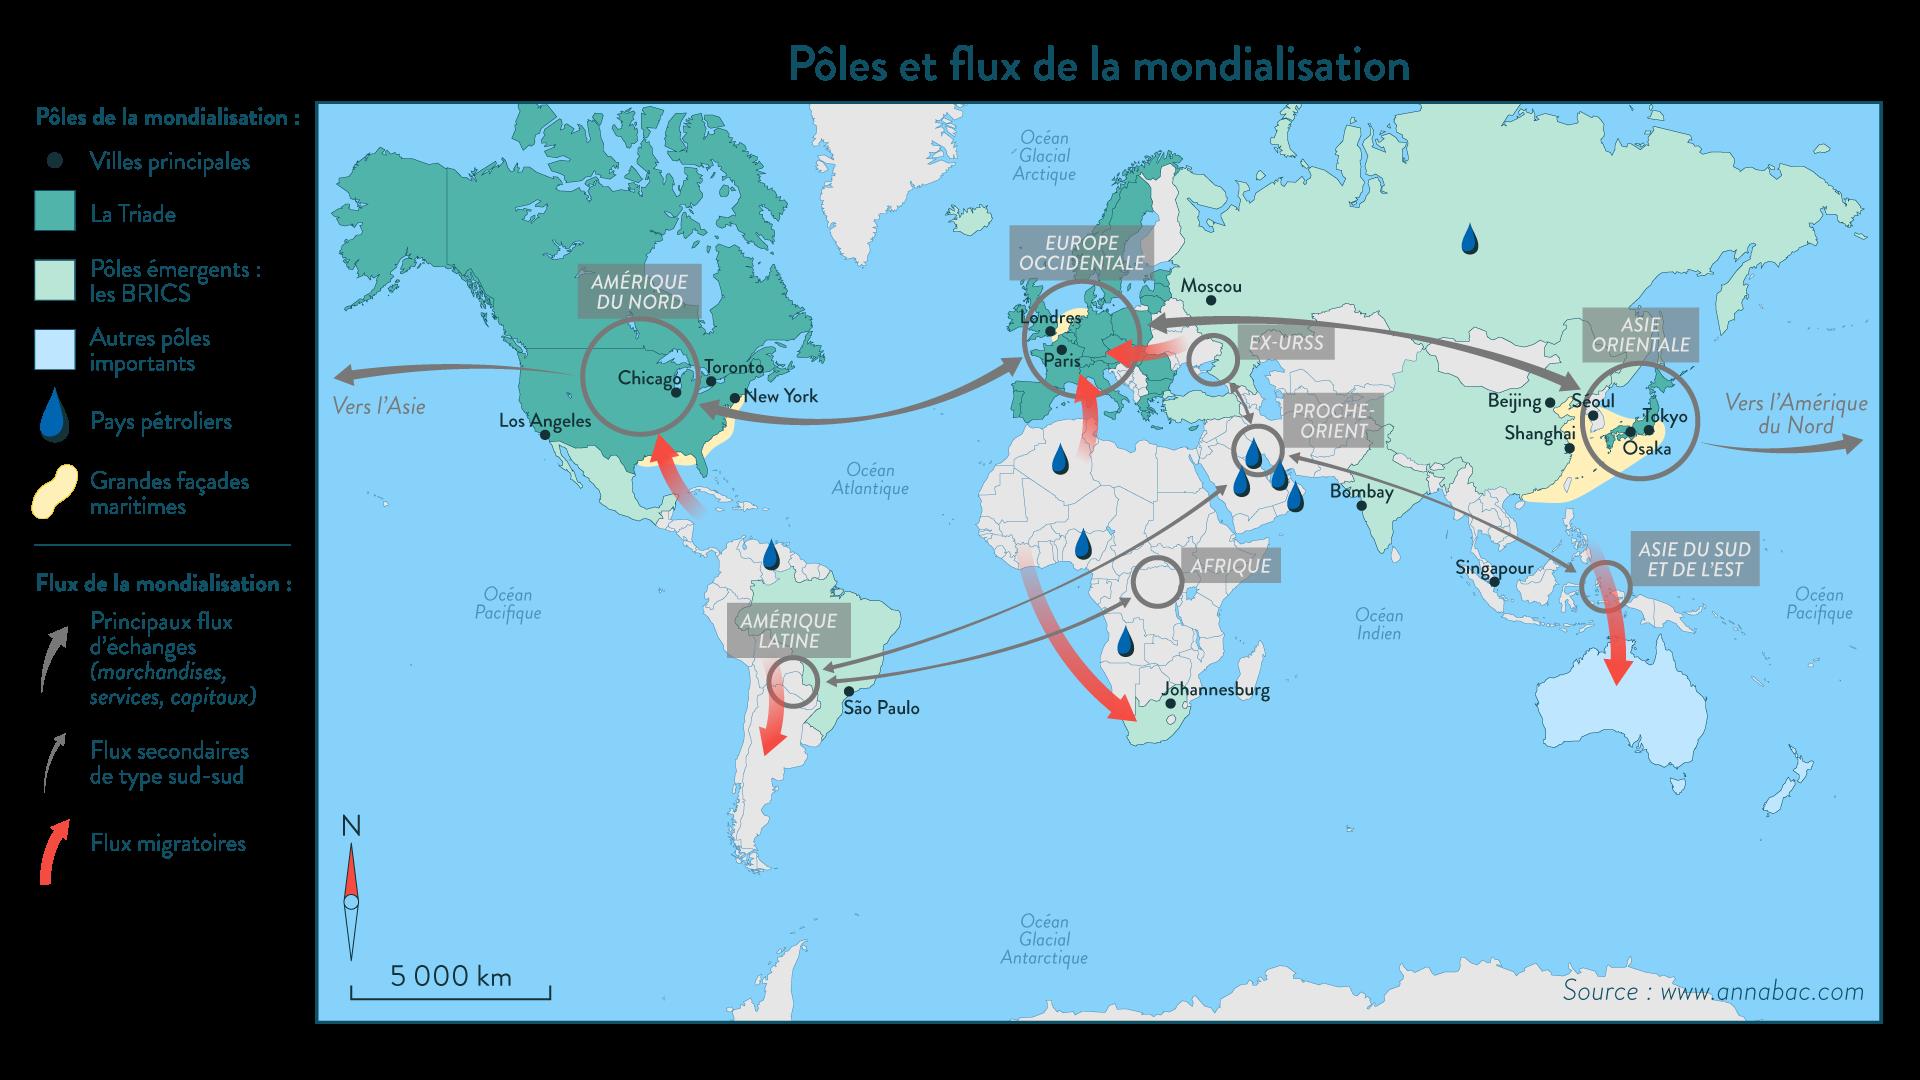 Pôle et flux de la mondialisation